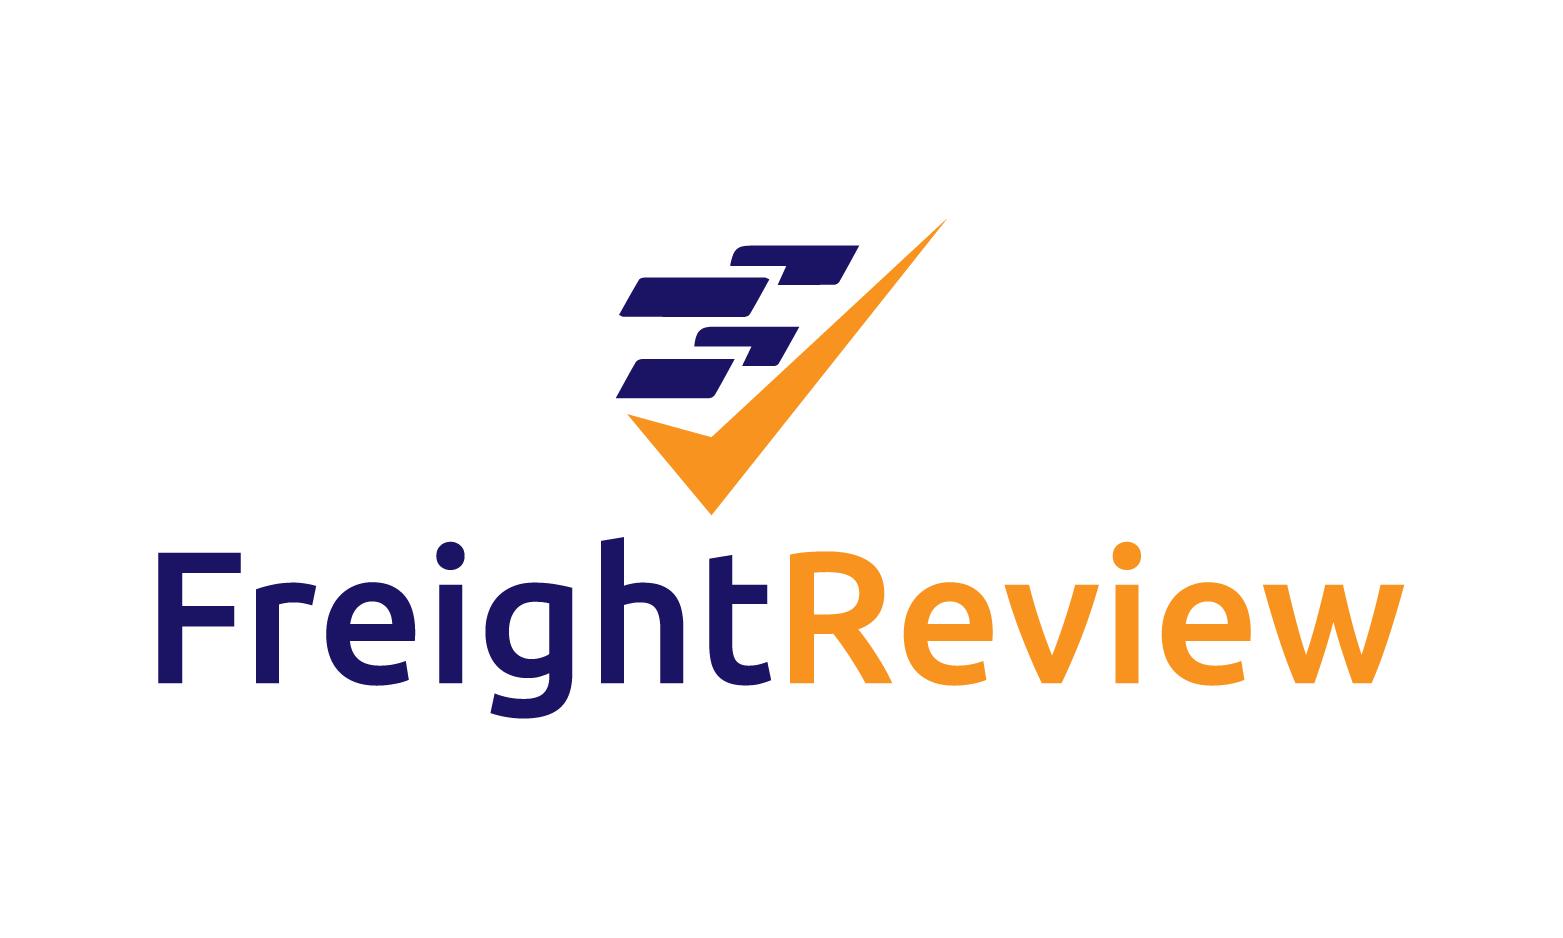 FreightReview.com